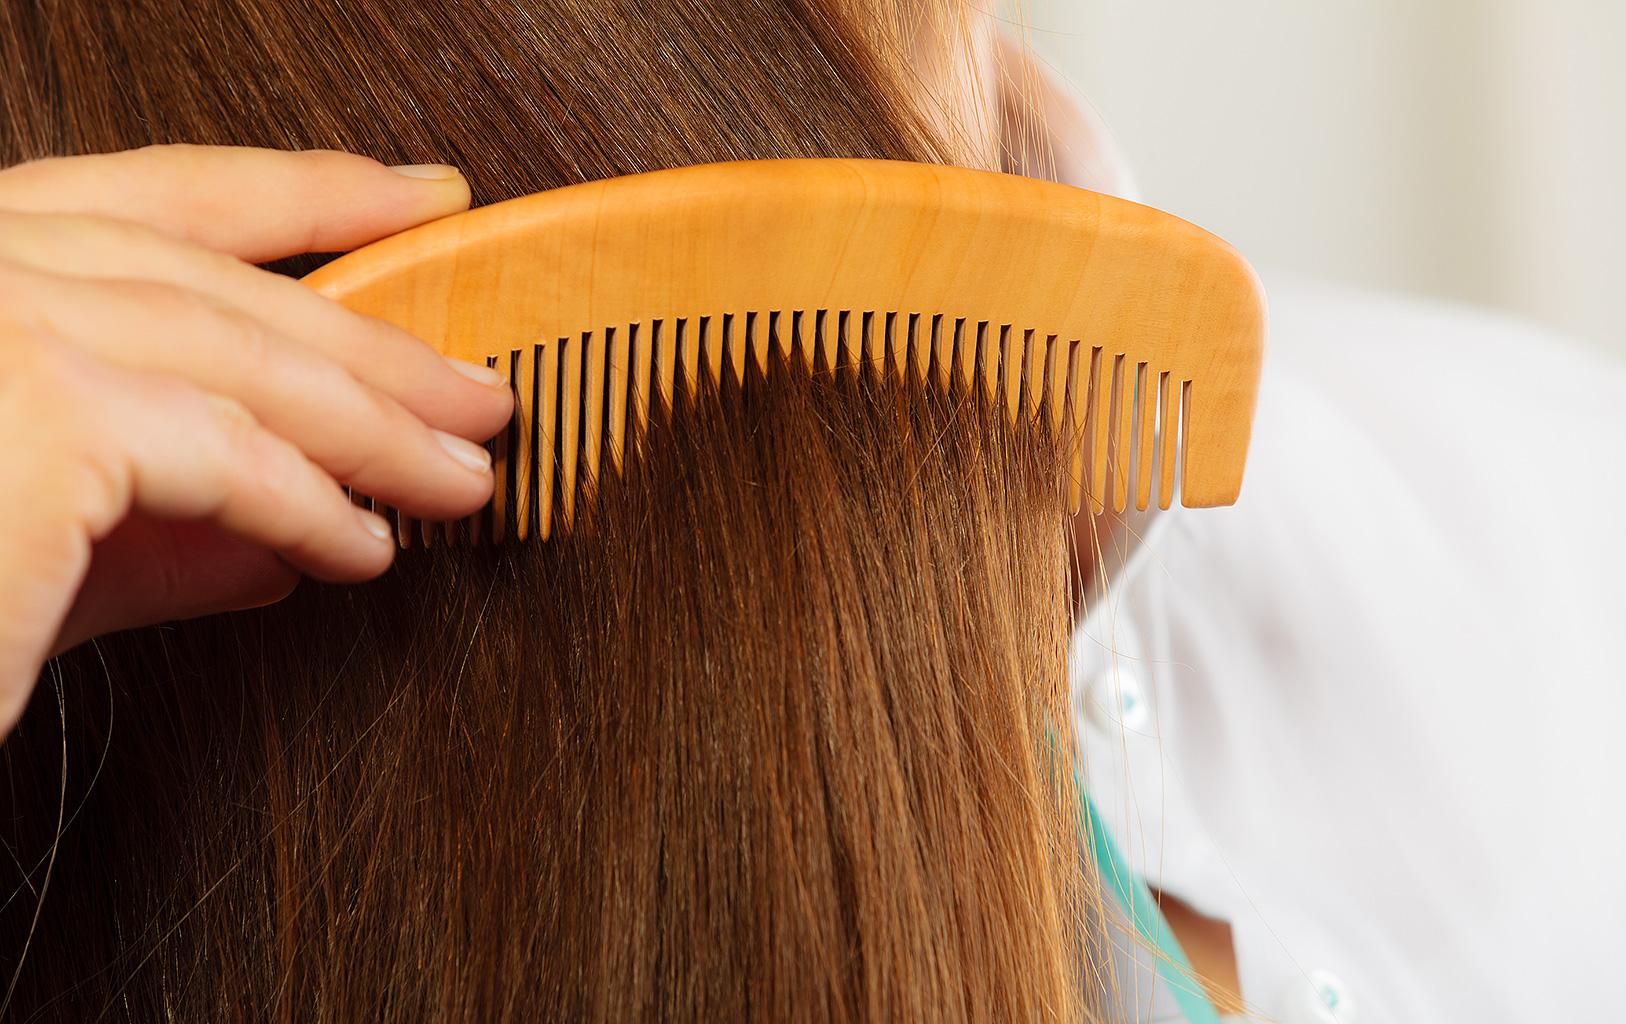 Konsten att kamma håret